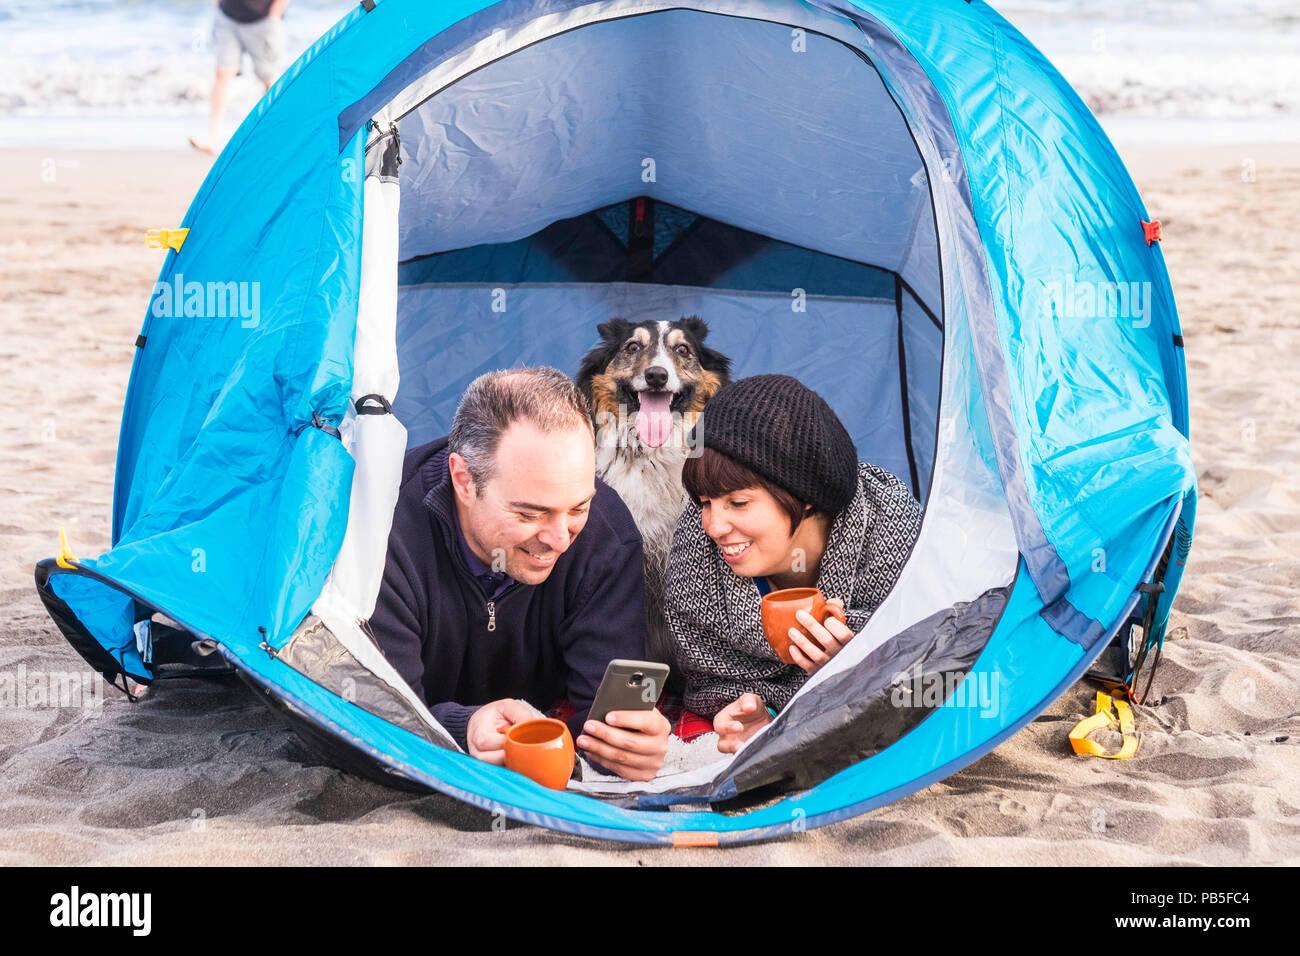 Giovane guardando la smart phone e divertirsi dentro una tenda in campeggio libero sulla spiaggia cane Border Collie dietro di loro guardando la telecamera. vintage Immagini Stock